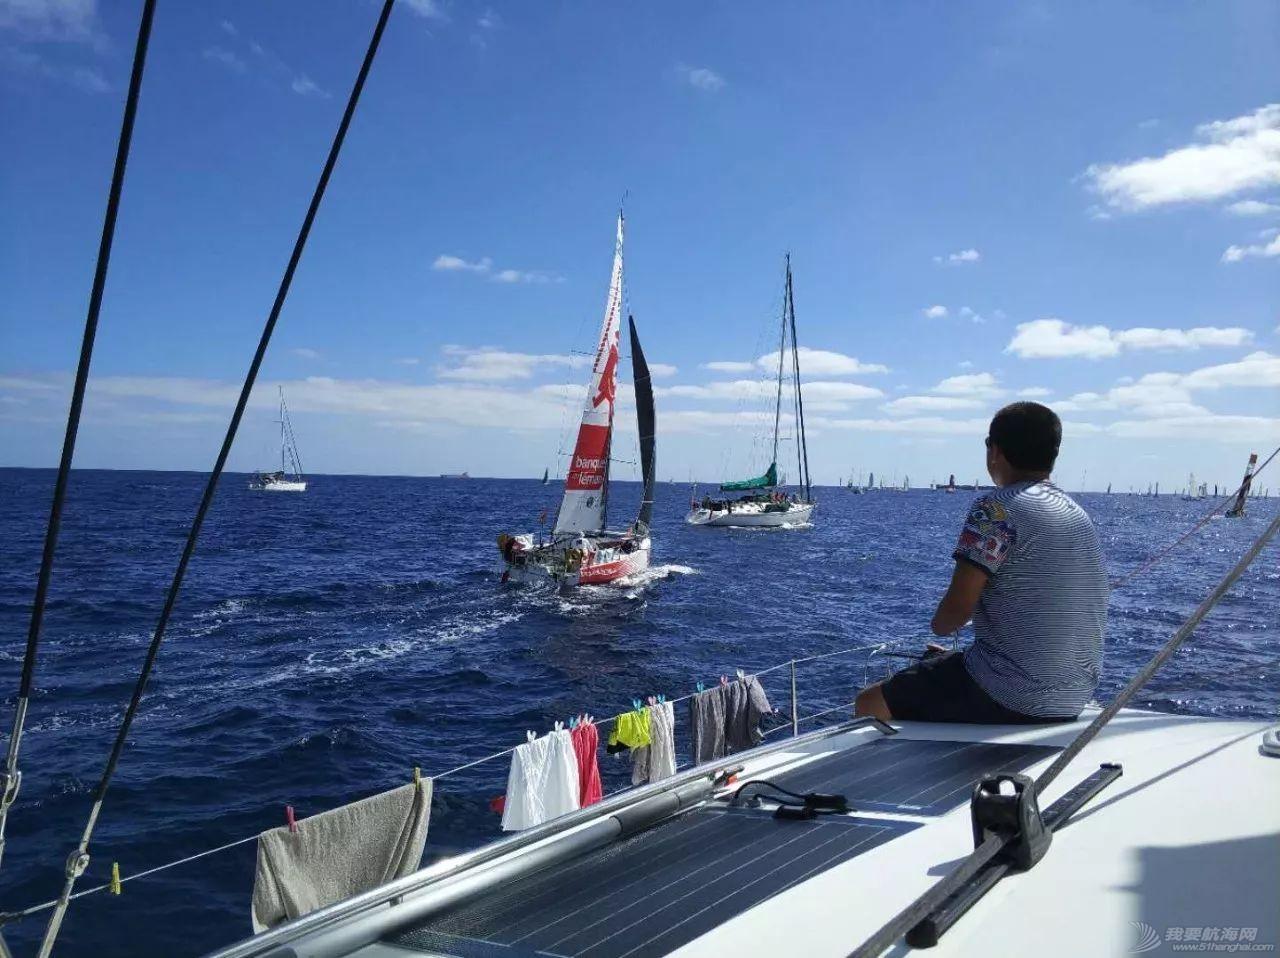 裸奔加纳利,敞篷跑火山,领航Mini大西洋,还没到加勒比就已经这么嗨……w29.jpg